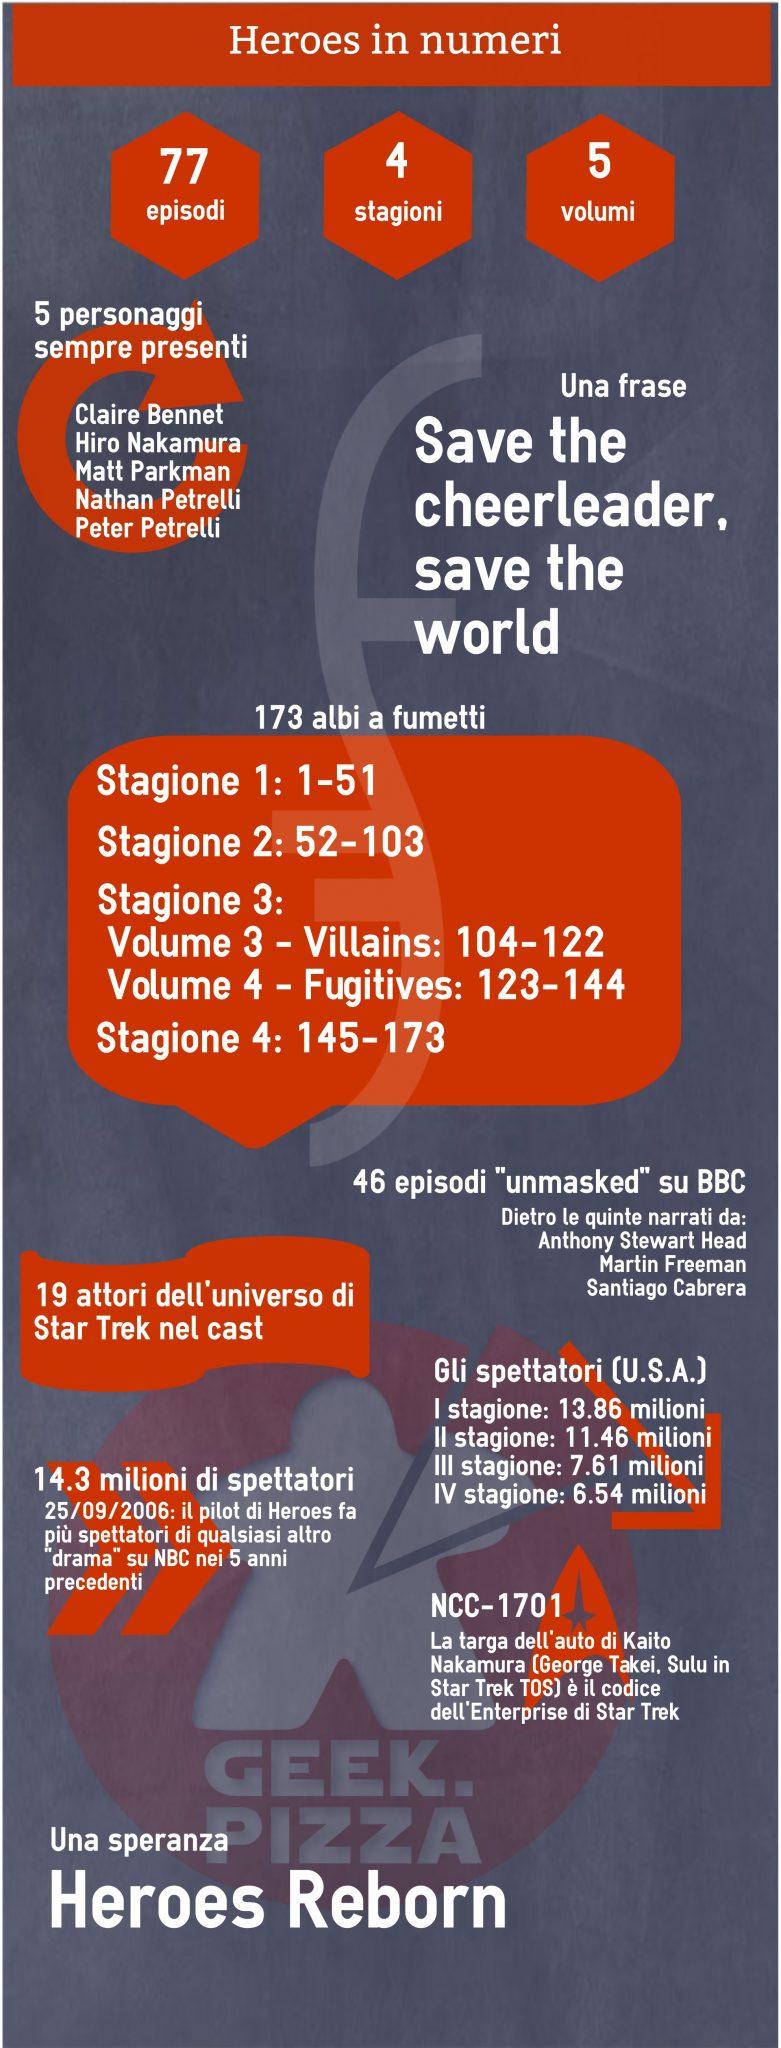 Heroes in numeri